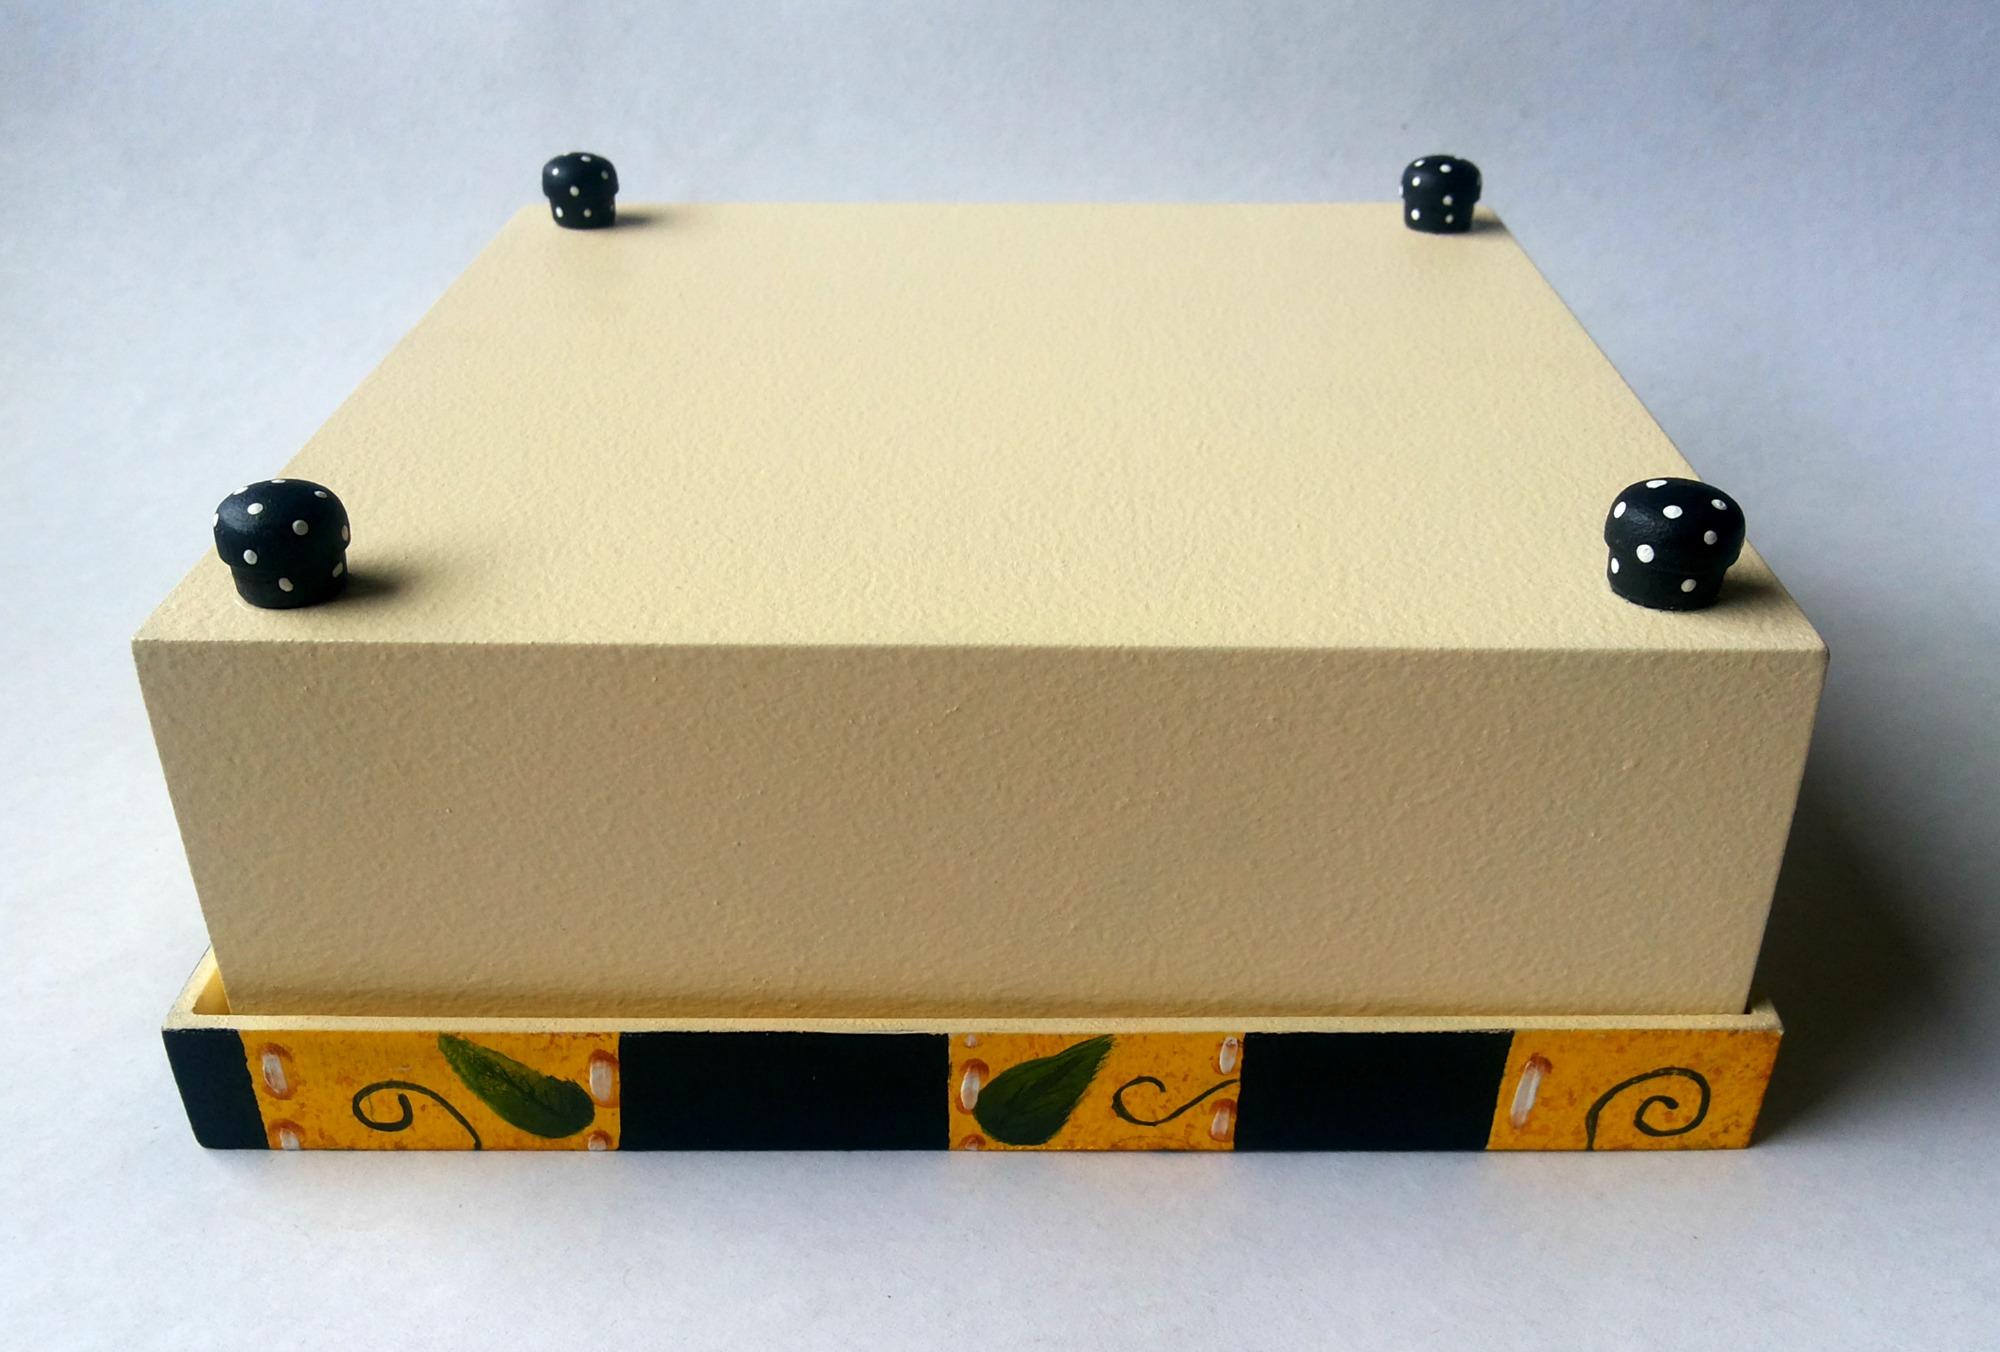 caixa de madeira com pintura decorativa caixa pintada caixa de #B37006 2000x1352